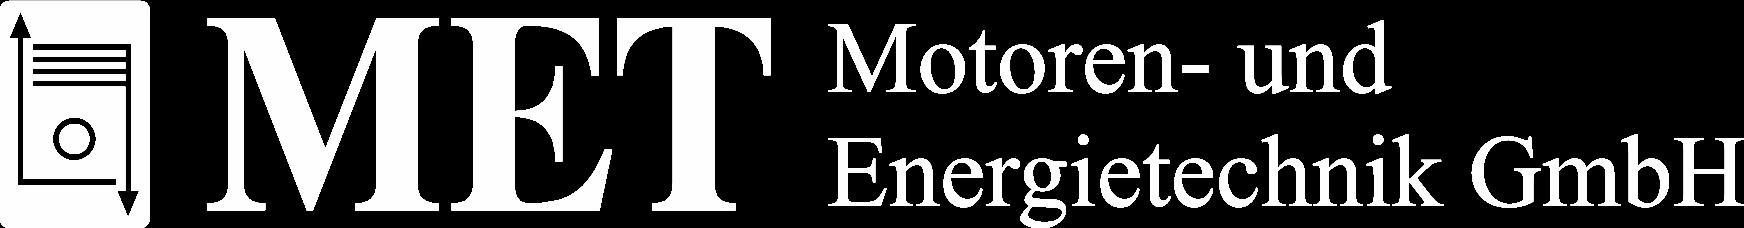 MET Motoren- und Energietechnik GmbH